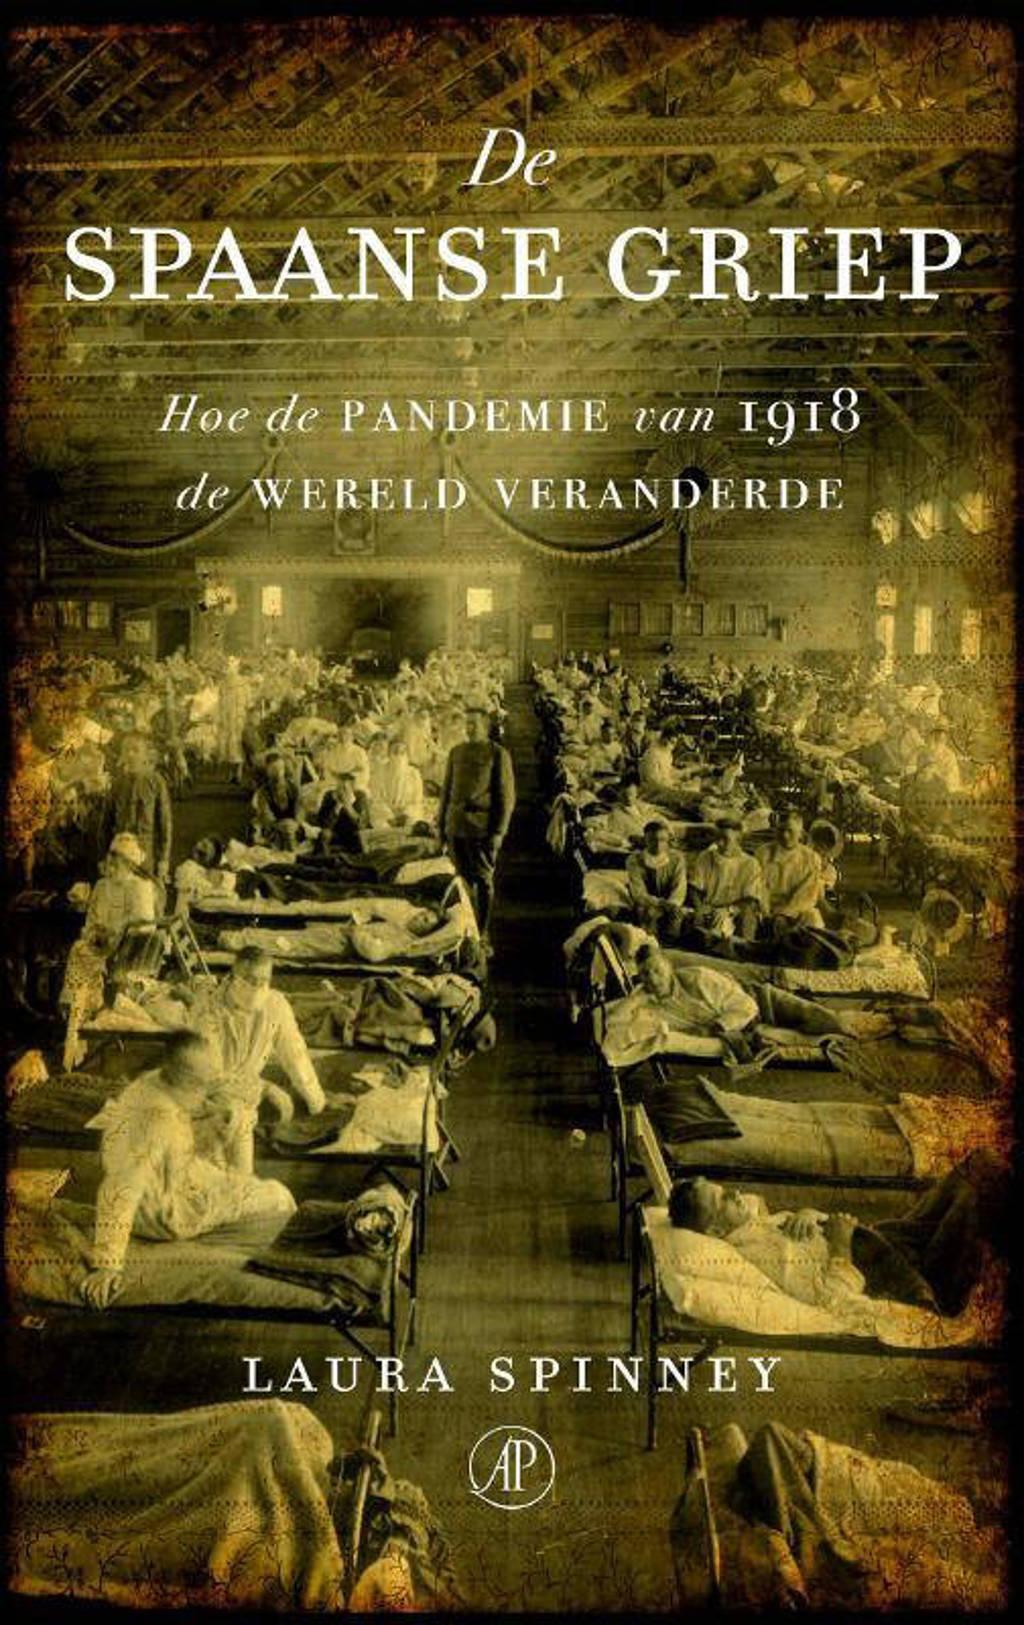 De Spaanse griep - Laura Spinney